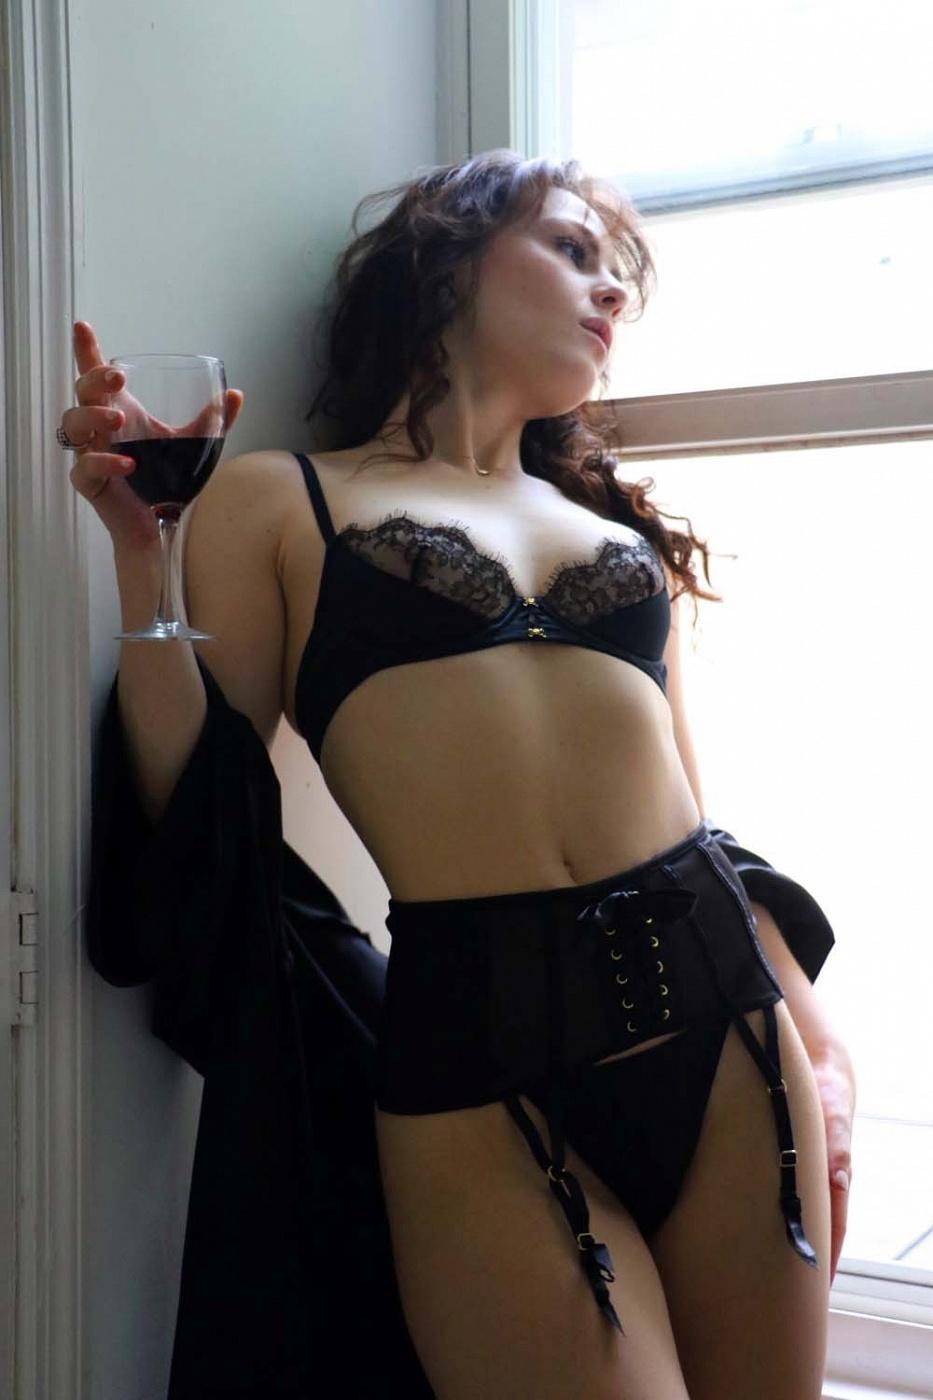 Danielle Soleil